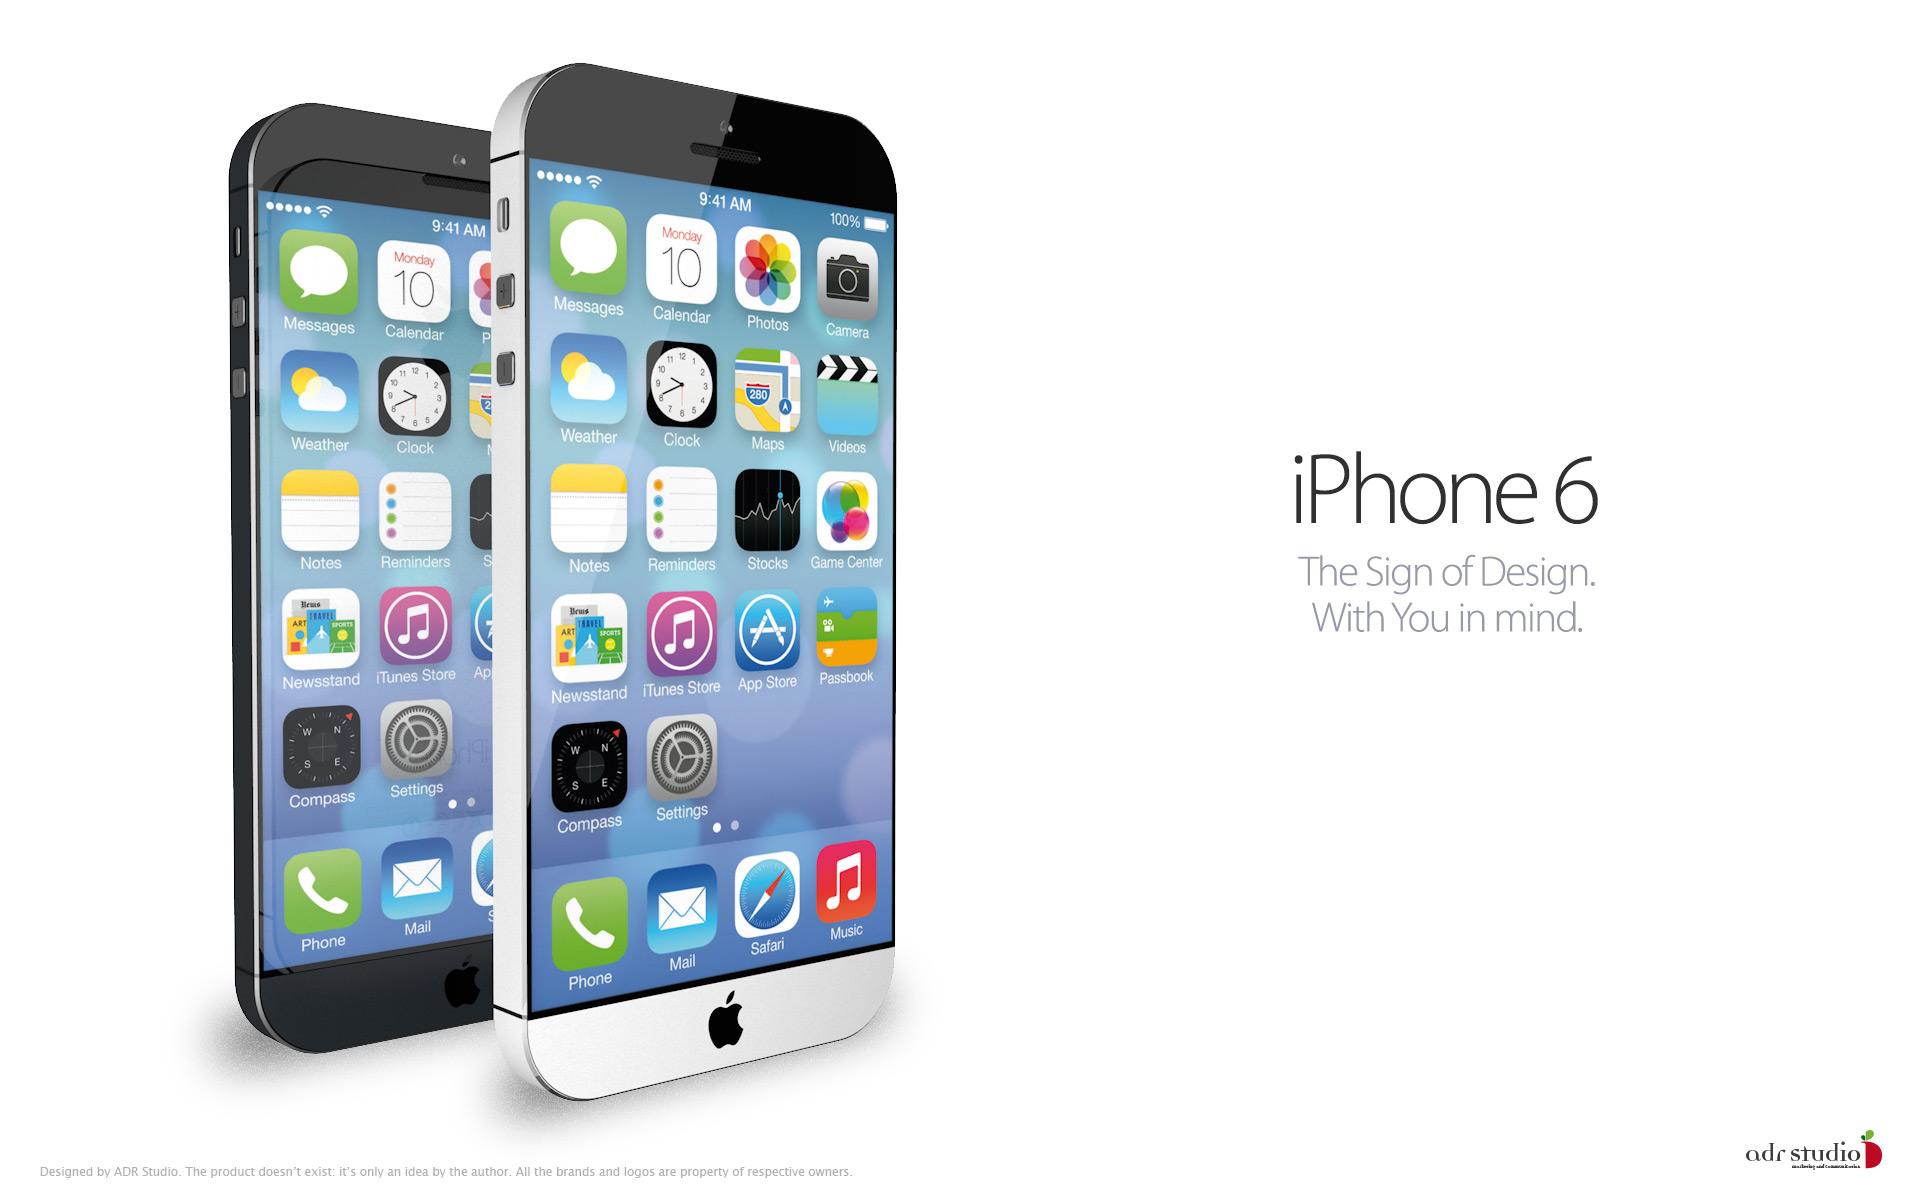 iPHONE 6 KALP HASTALARINI  DÜŞÜNDÜ